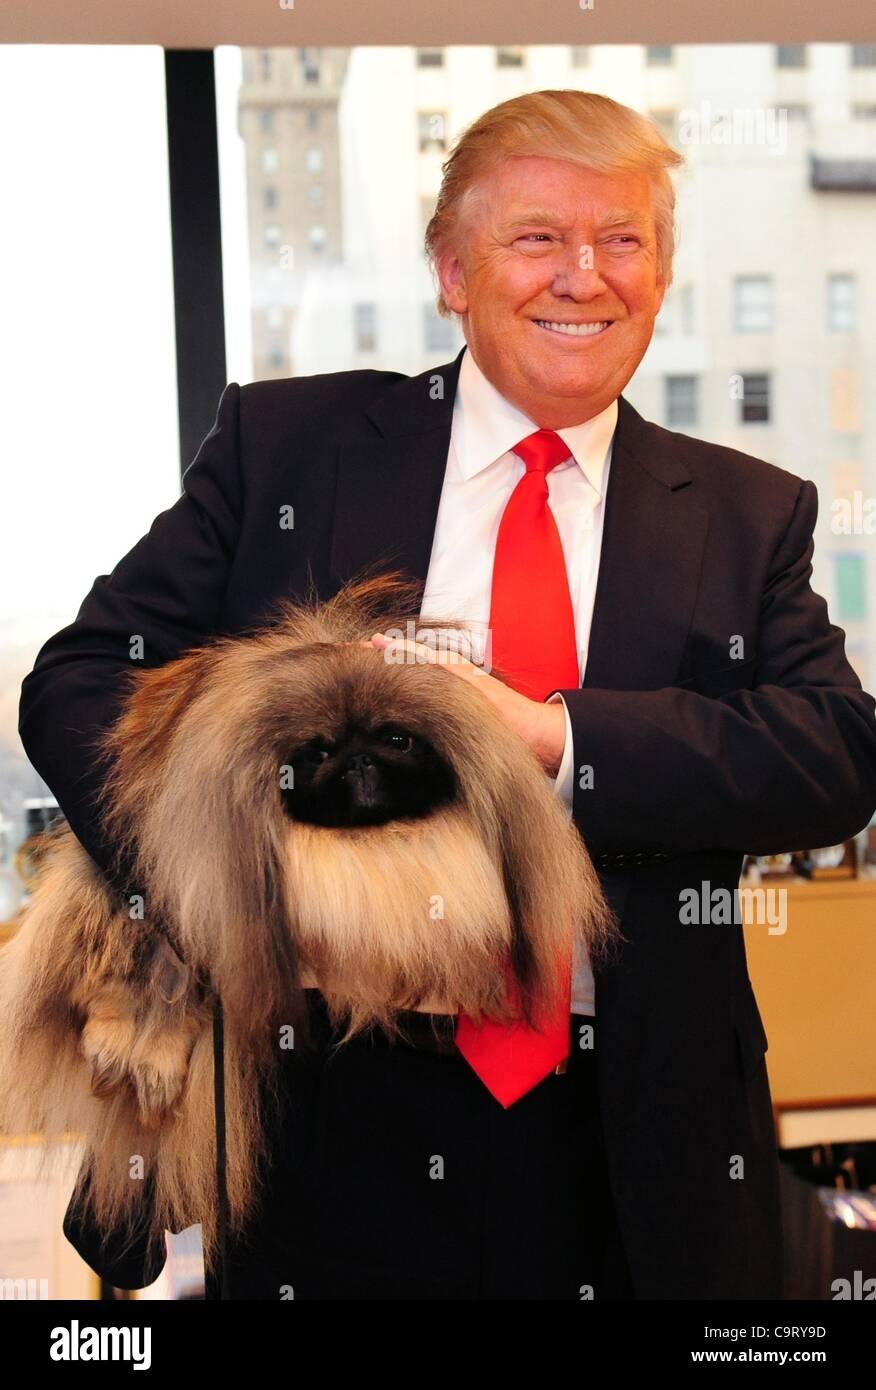 Westminster Dog Show Trump